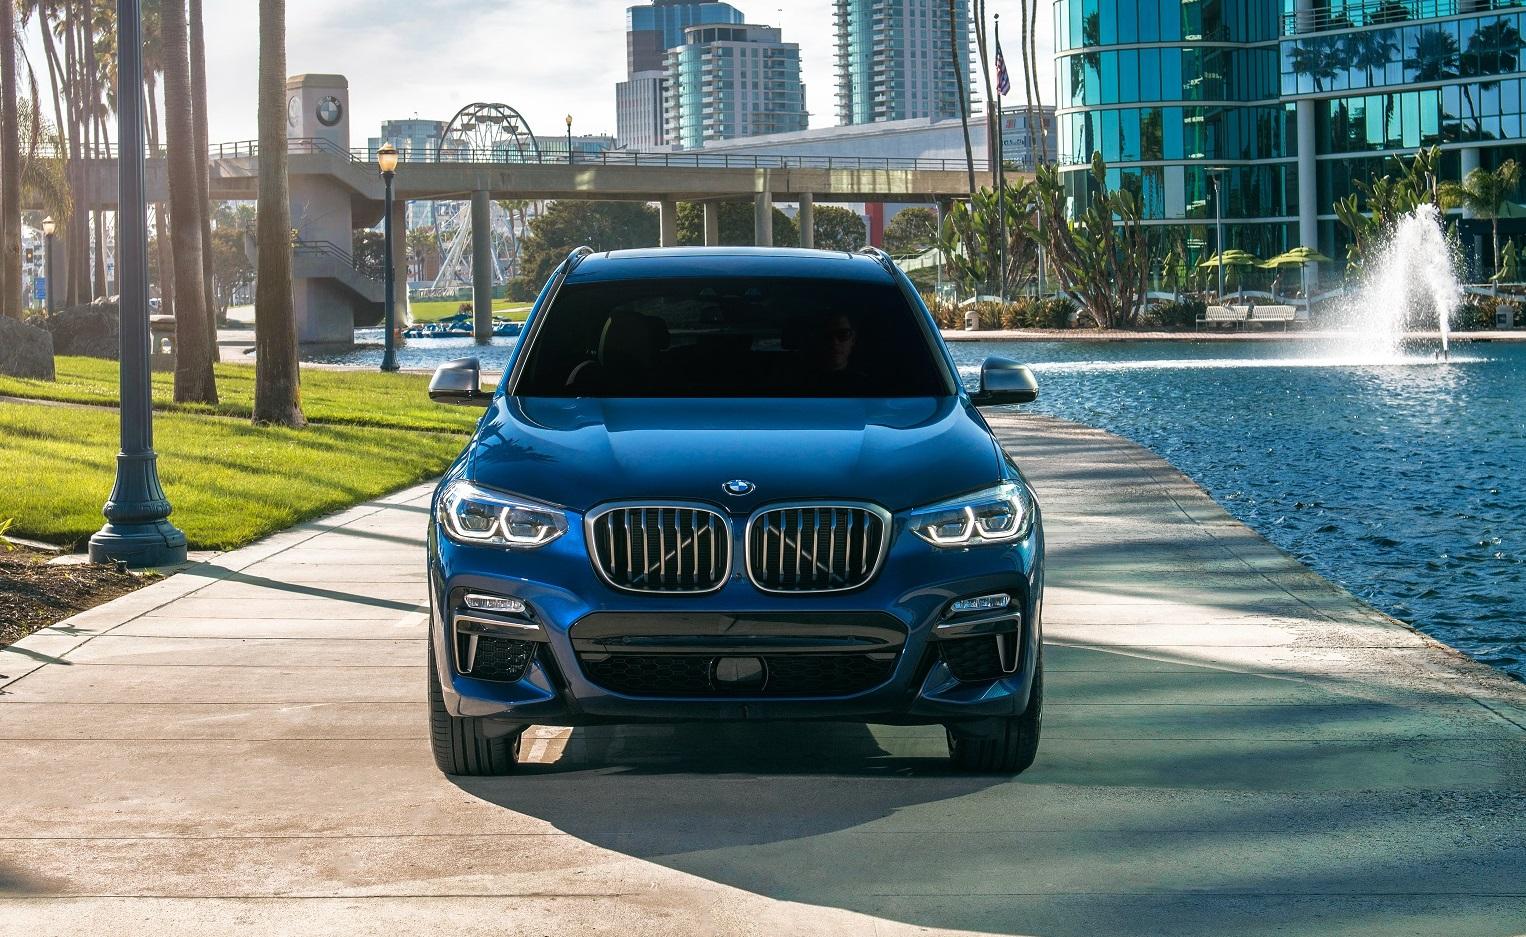 2019 BMW X3 Specs